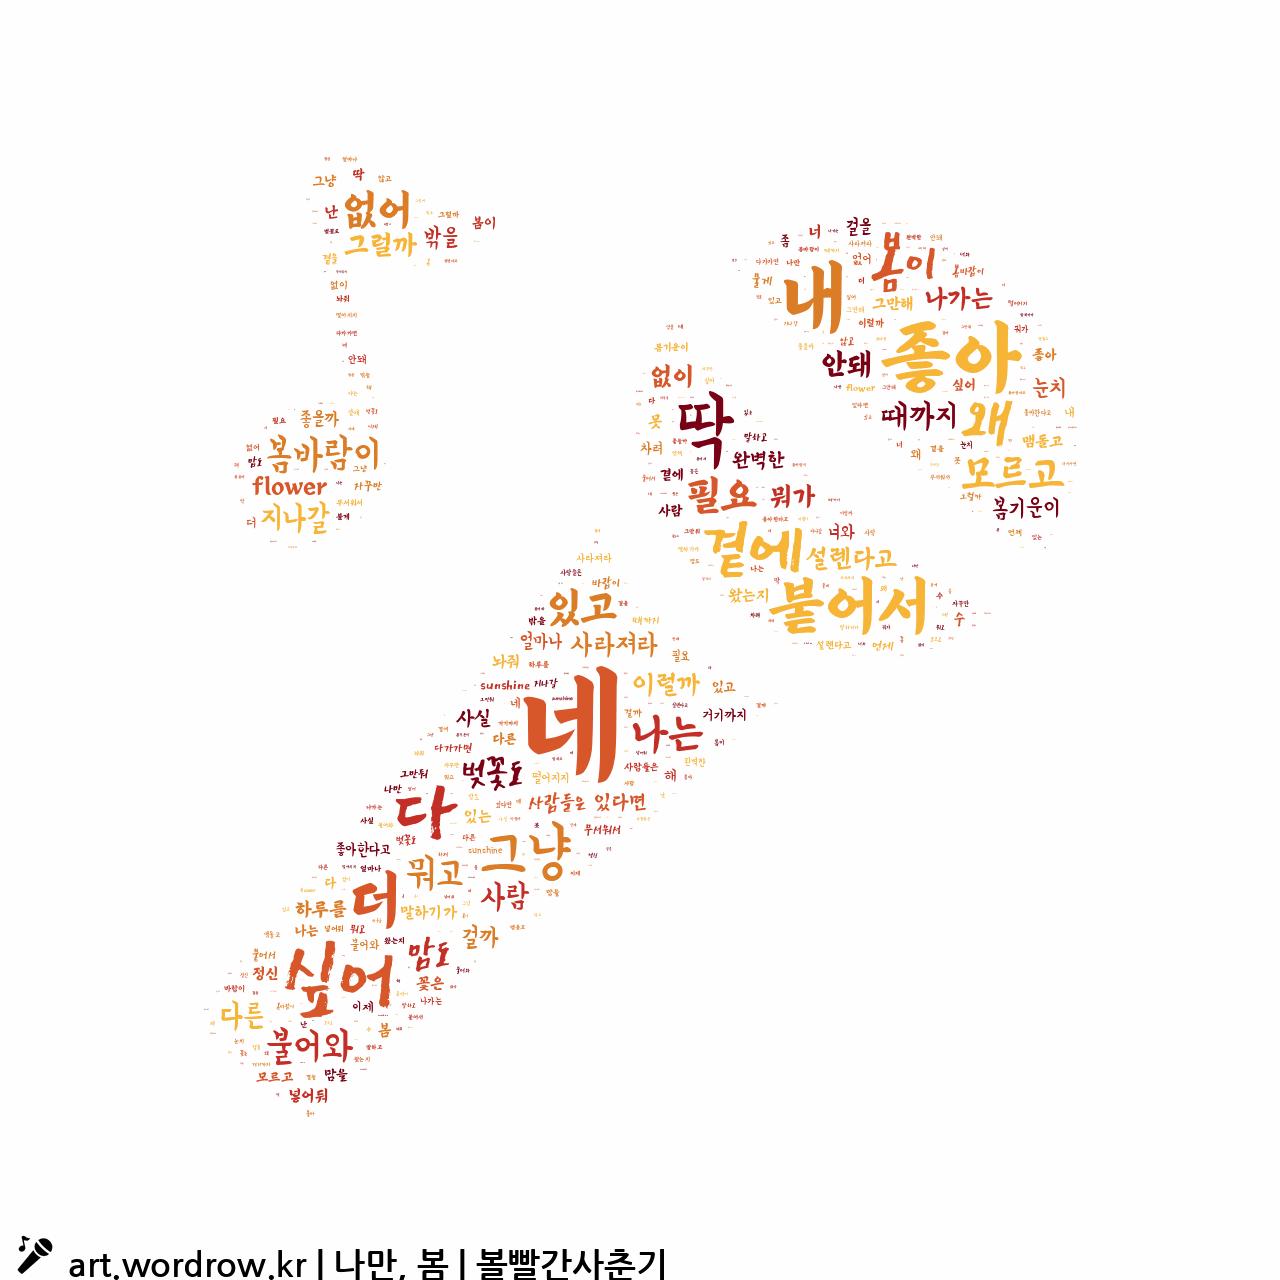 워드 아트: 나만, 봄 [볼빨간사춘기]-15